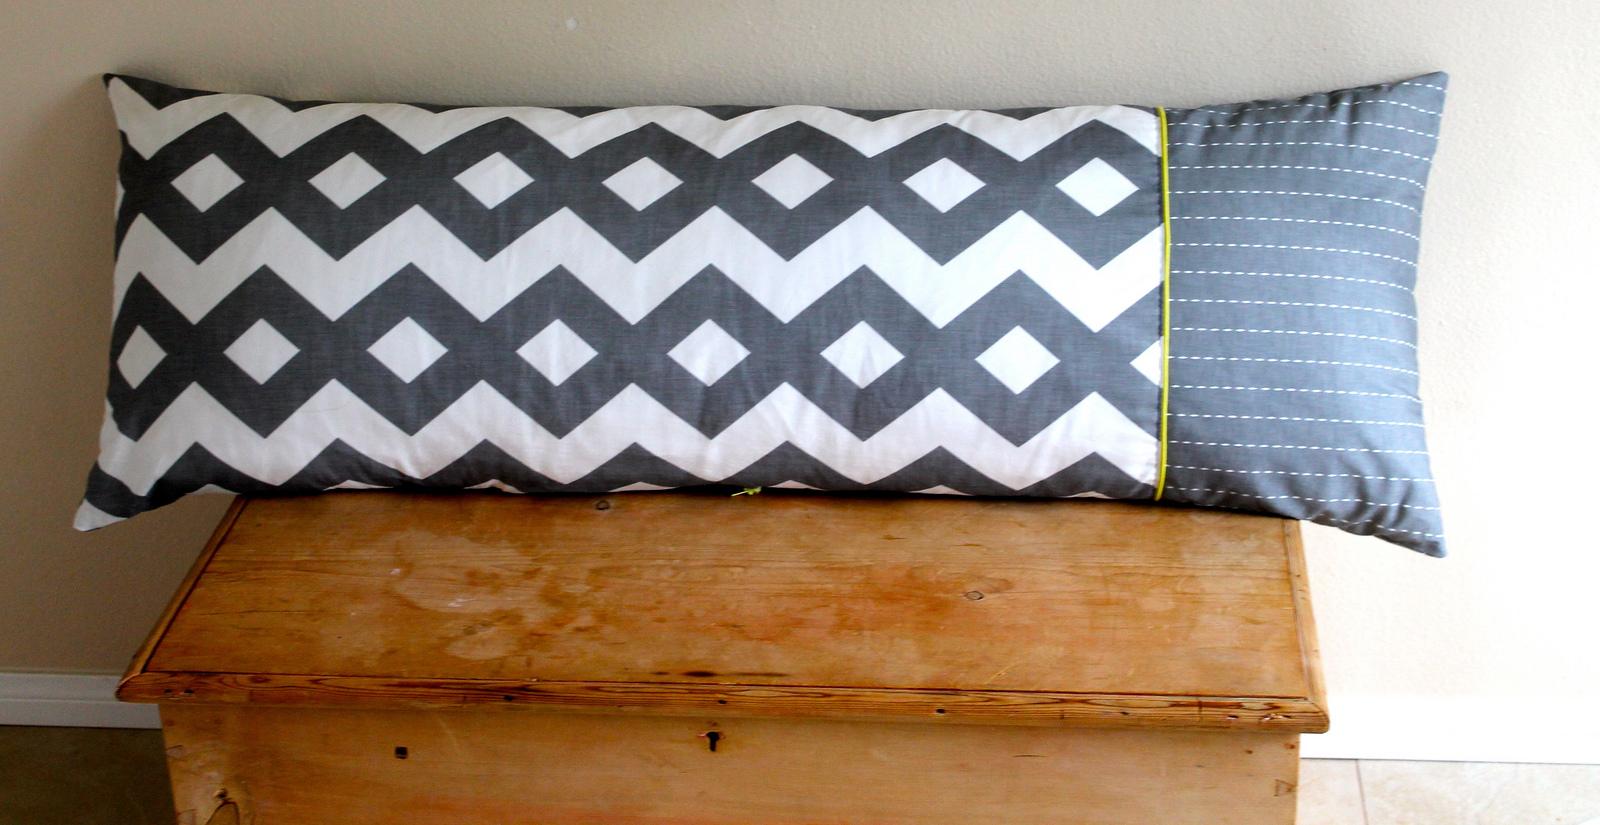 Tutorial: Bolster cushion cover | Spoonflower Blog